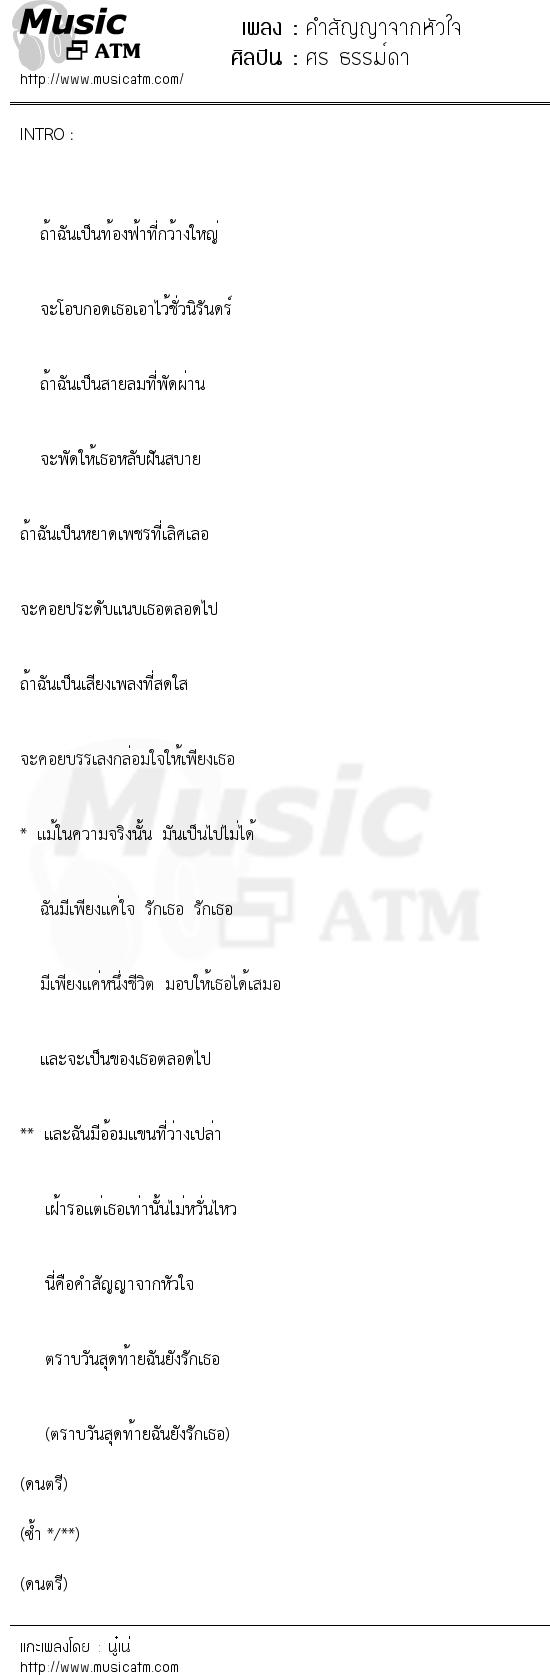 คำสัญญาจากหัวใจ | เพลงไทย